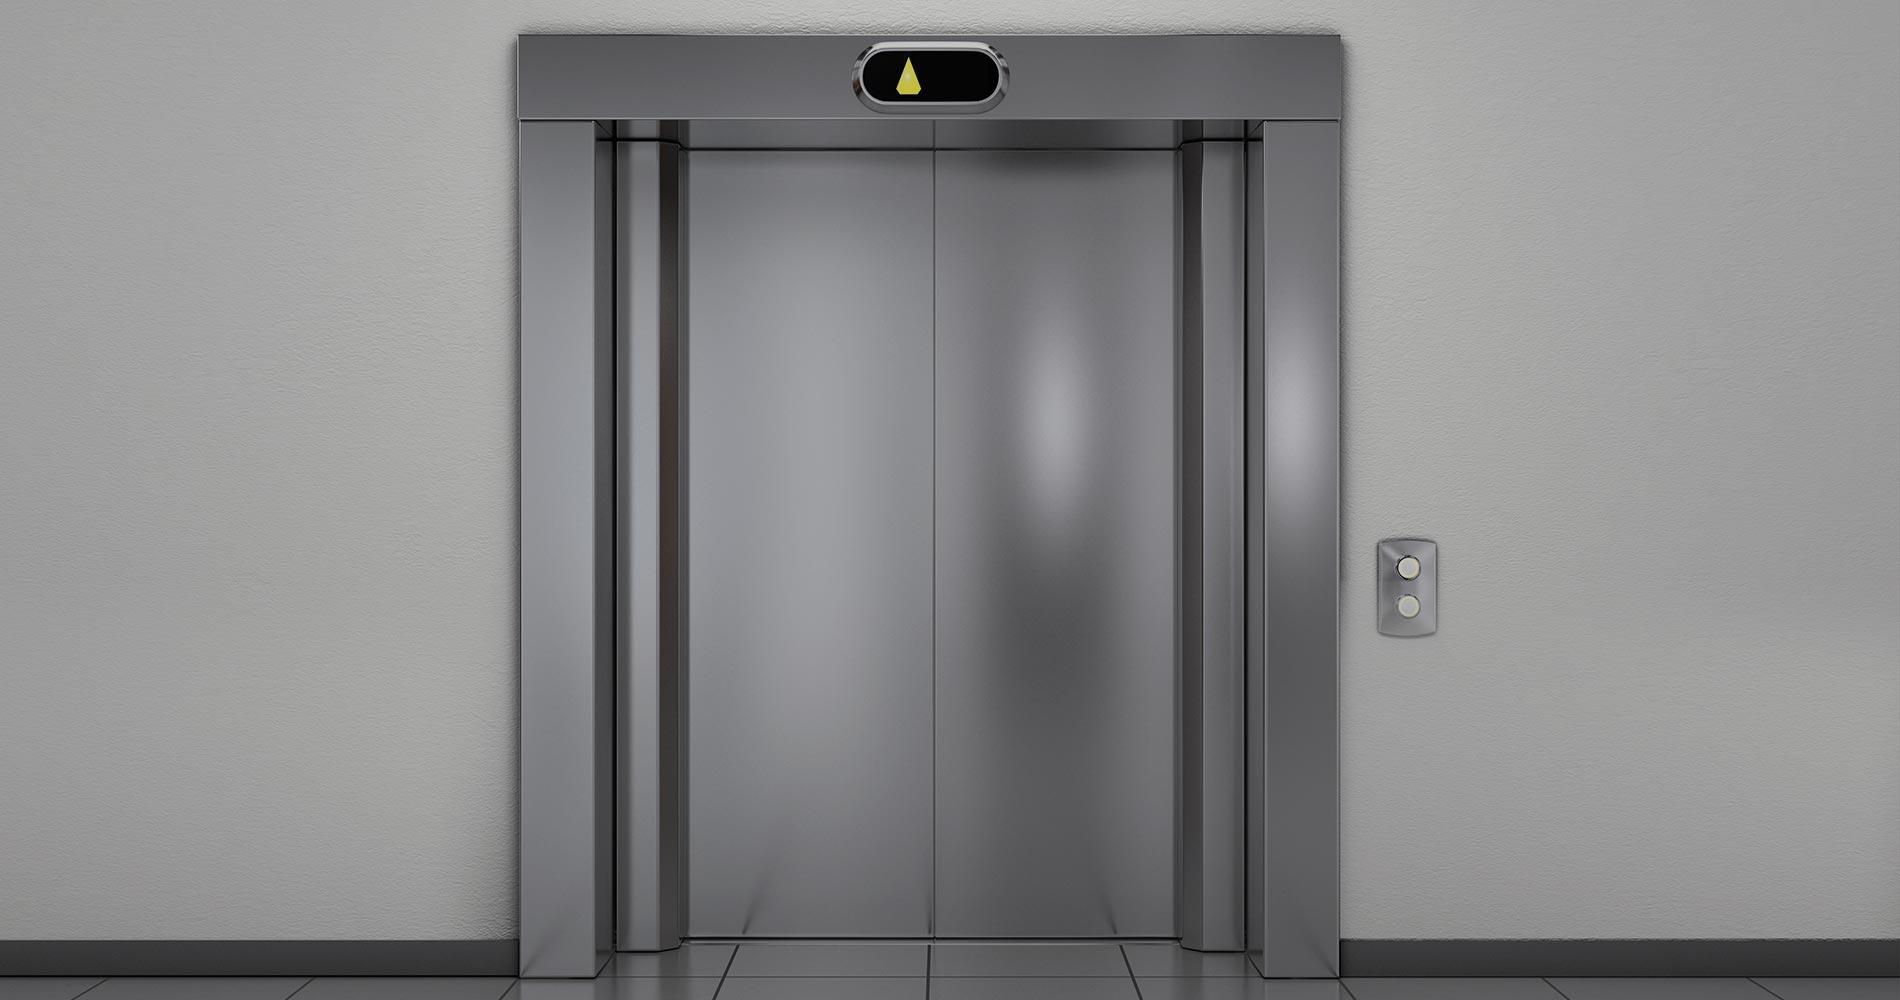 Modernização de elevadores no Rio de Janeiro